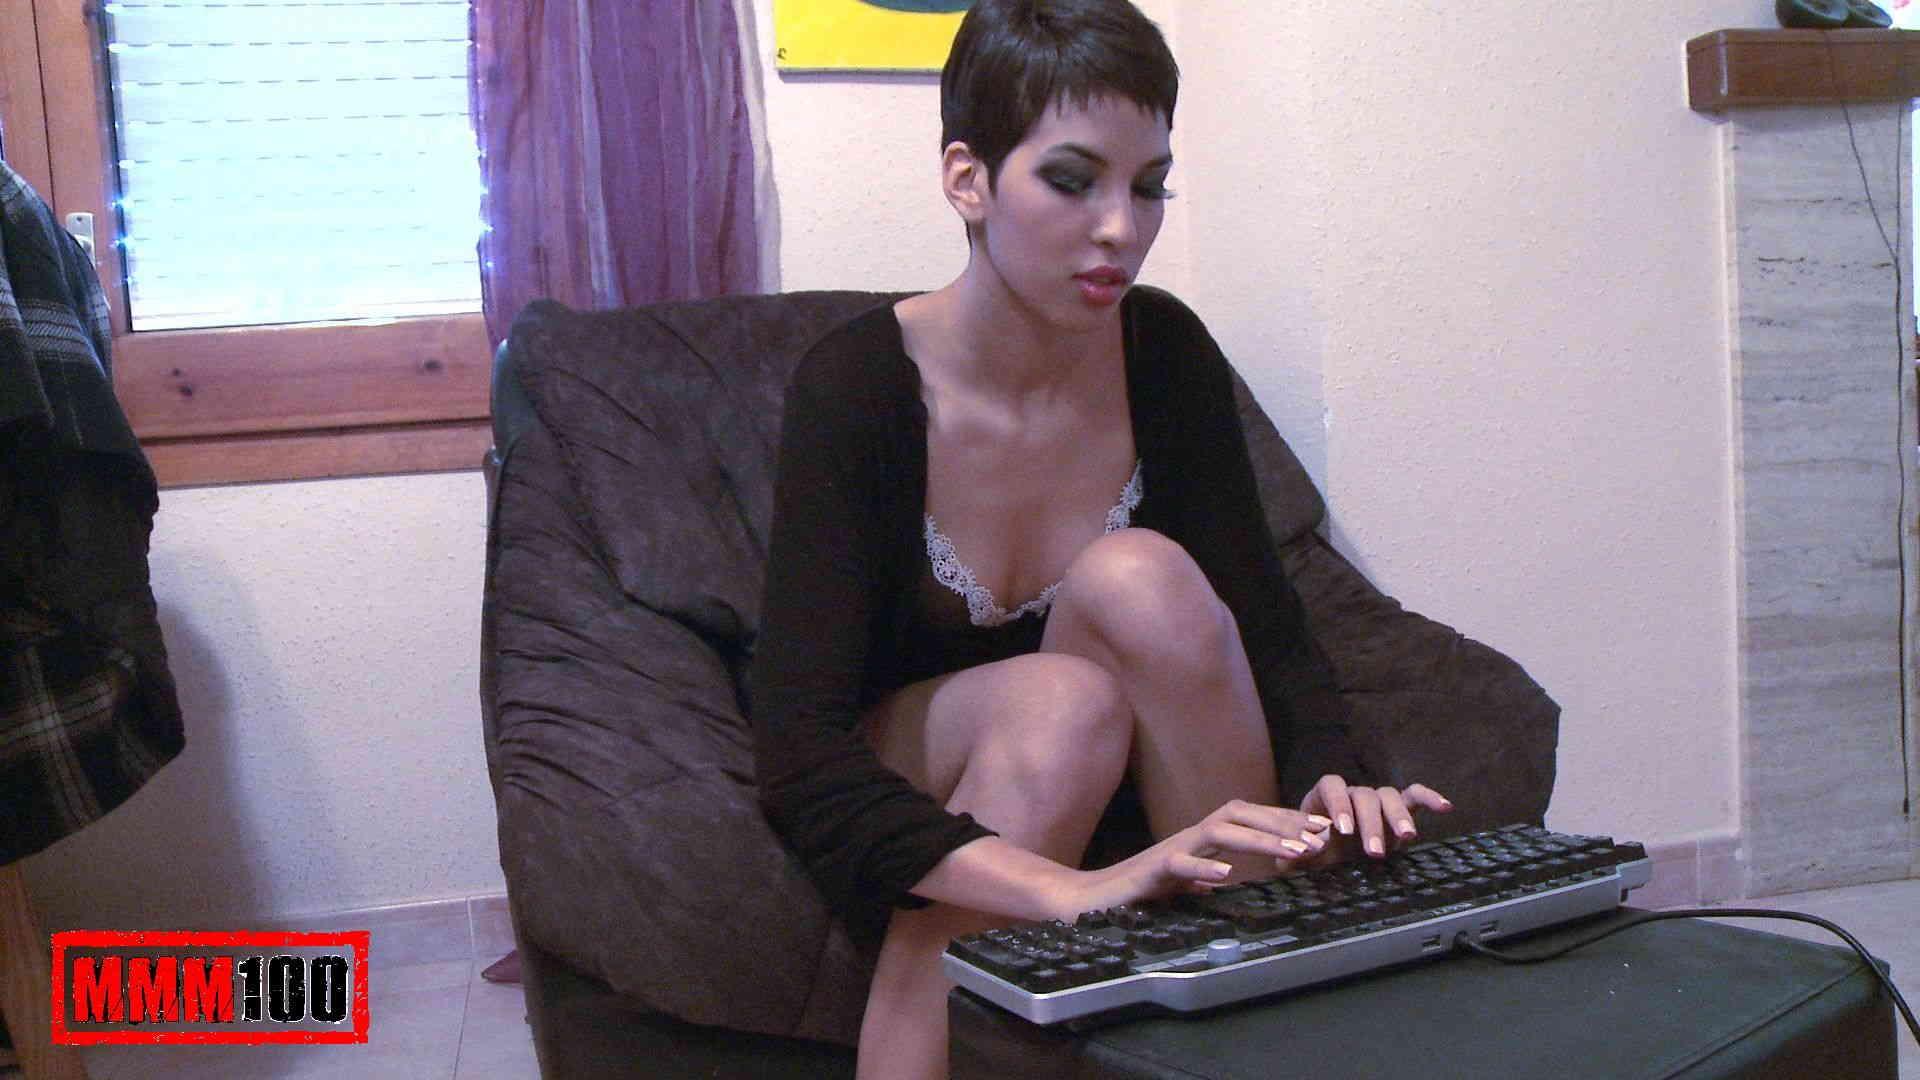 jasmin video chat swingers kontaktsider